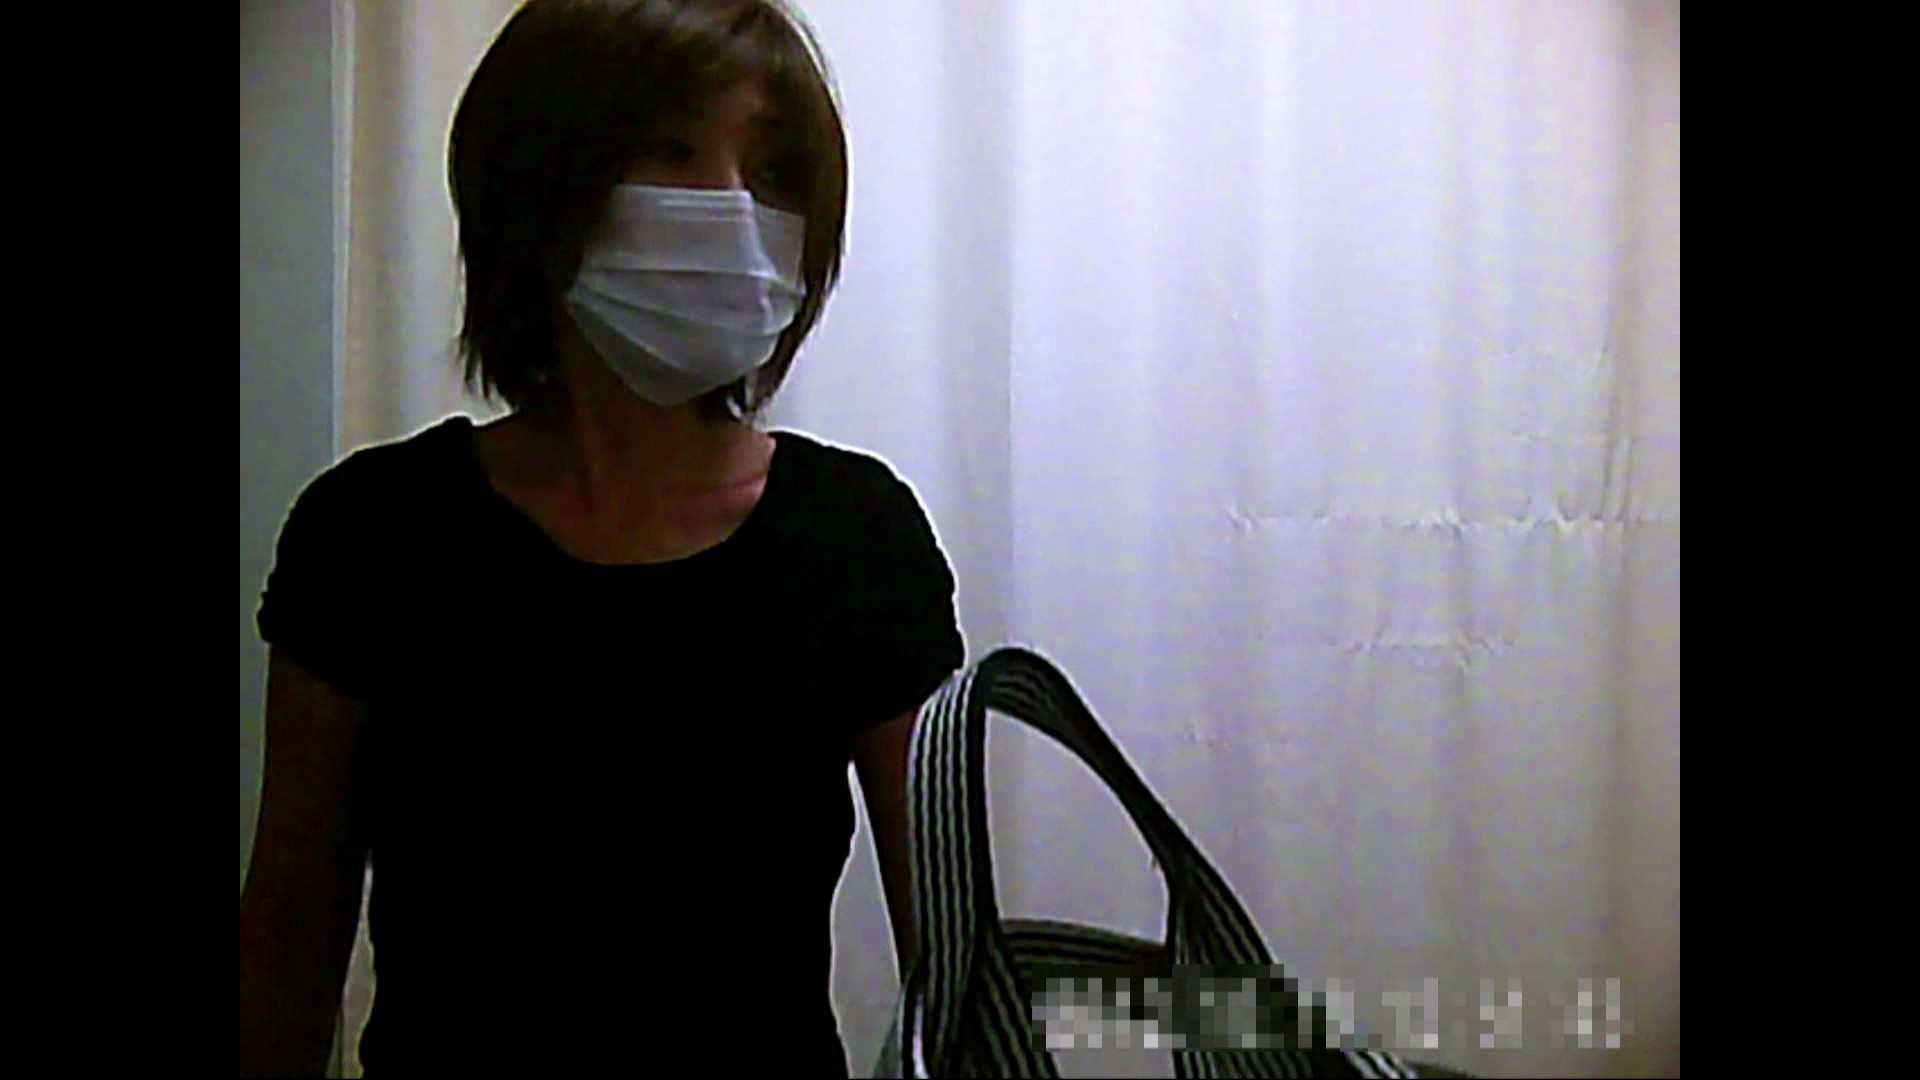 病院おもいっきり着替え! vol.243 乳首ポロリ 盗み撮りAV無料動画キャプチャ 86画像 54